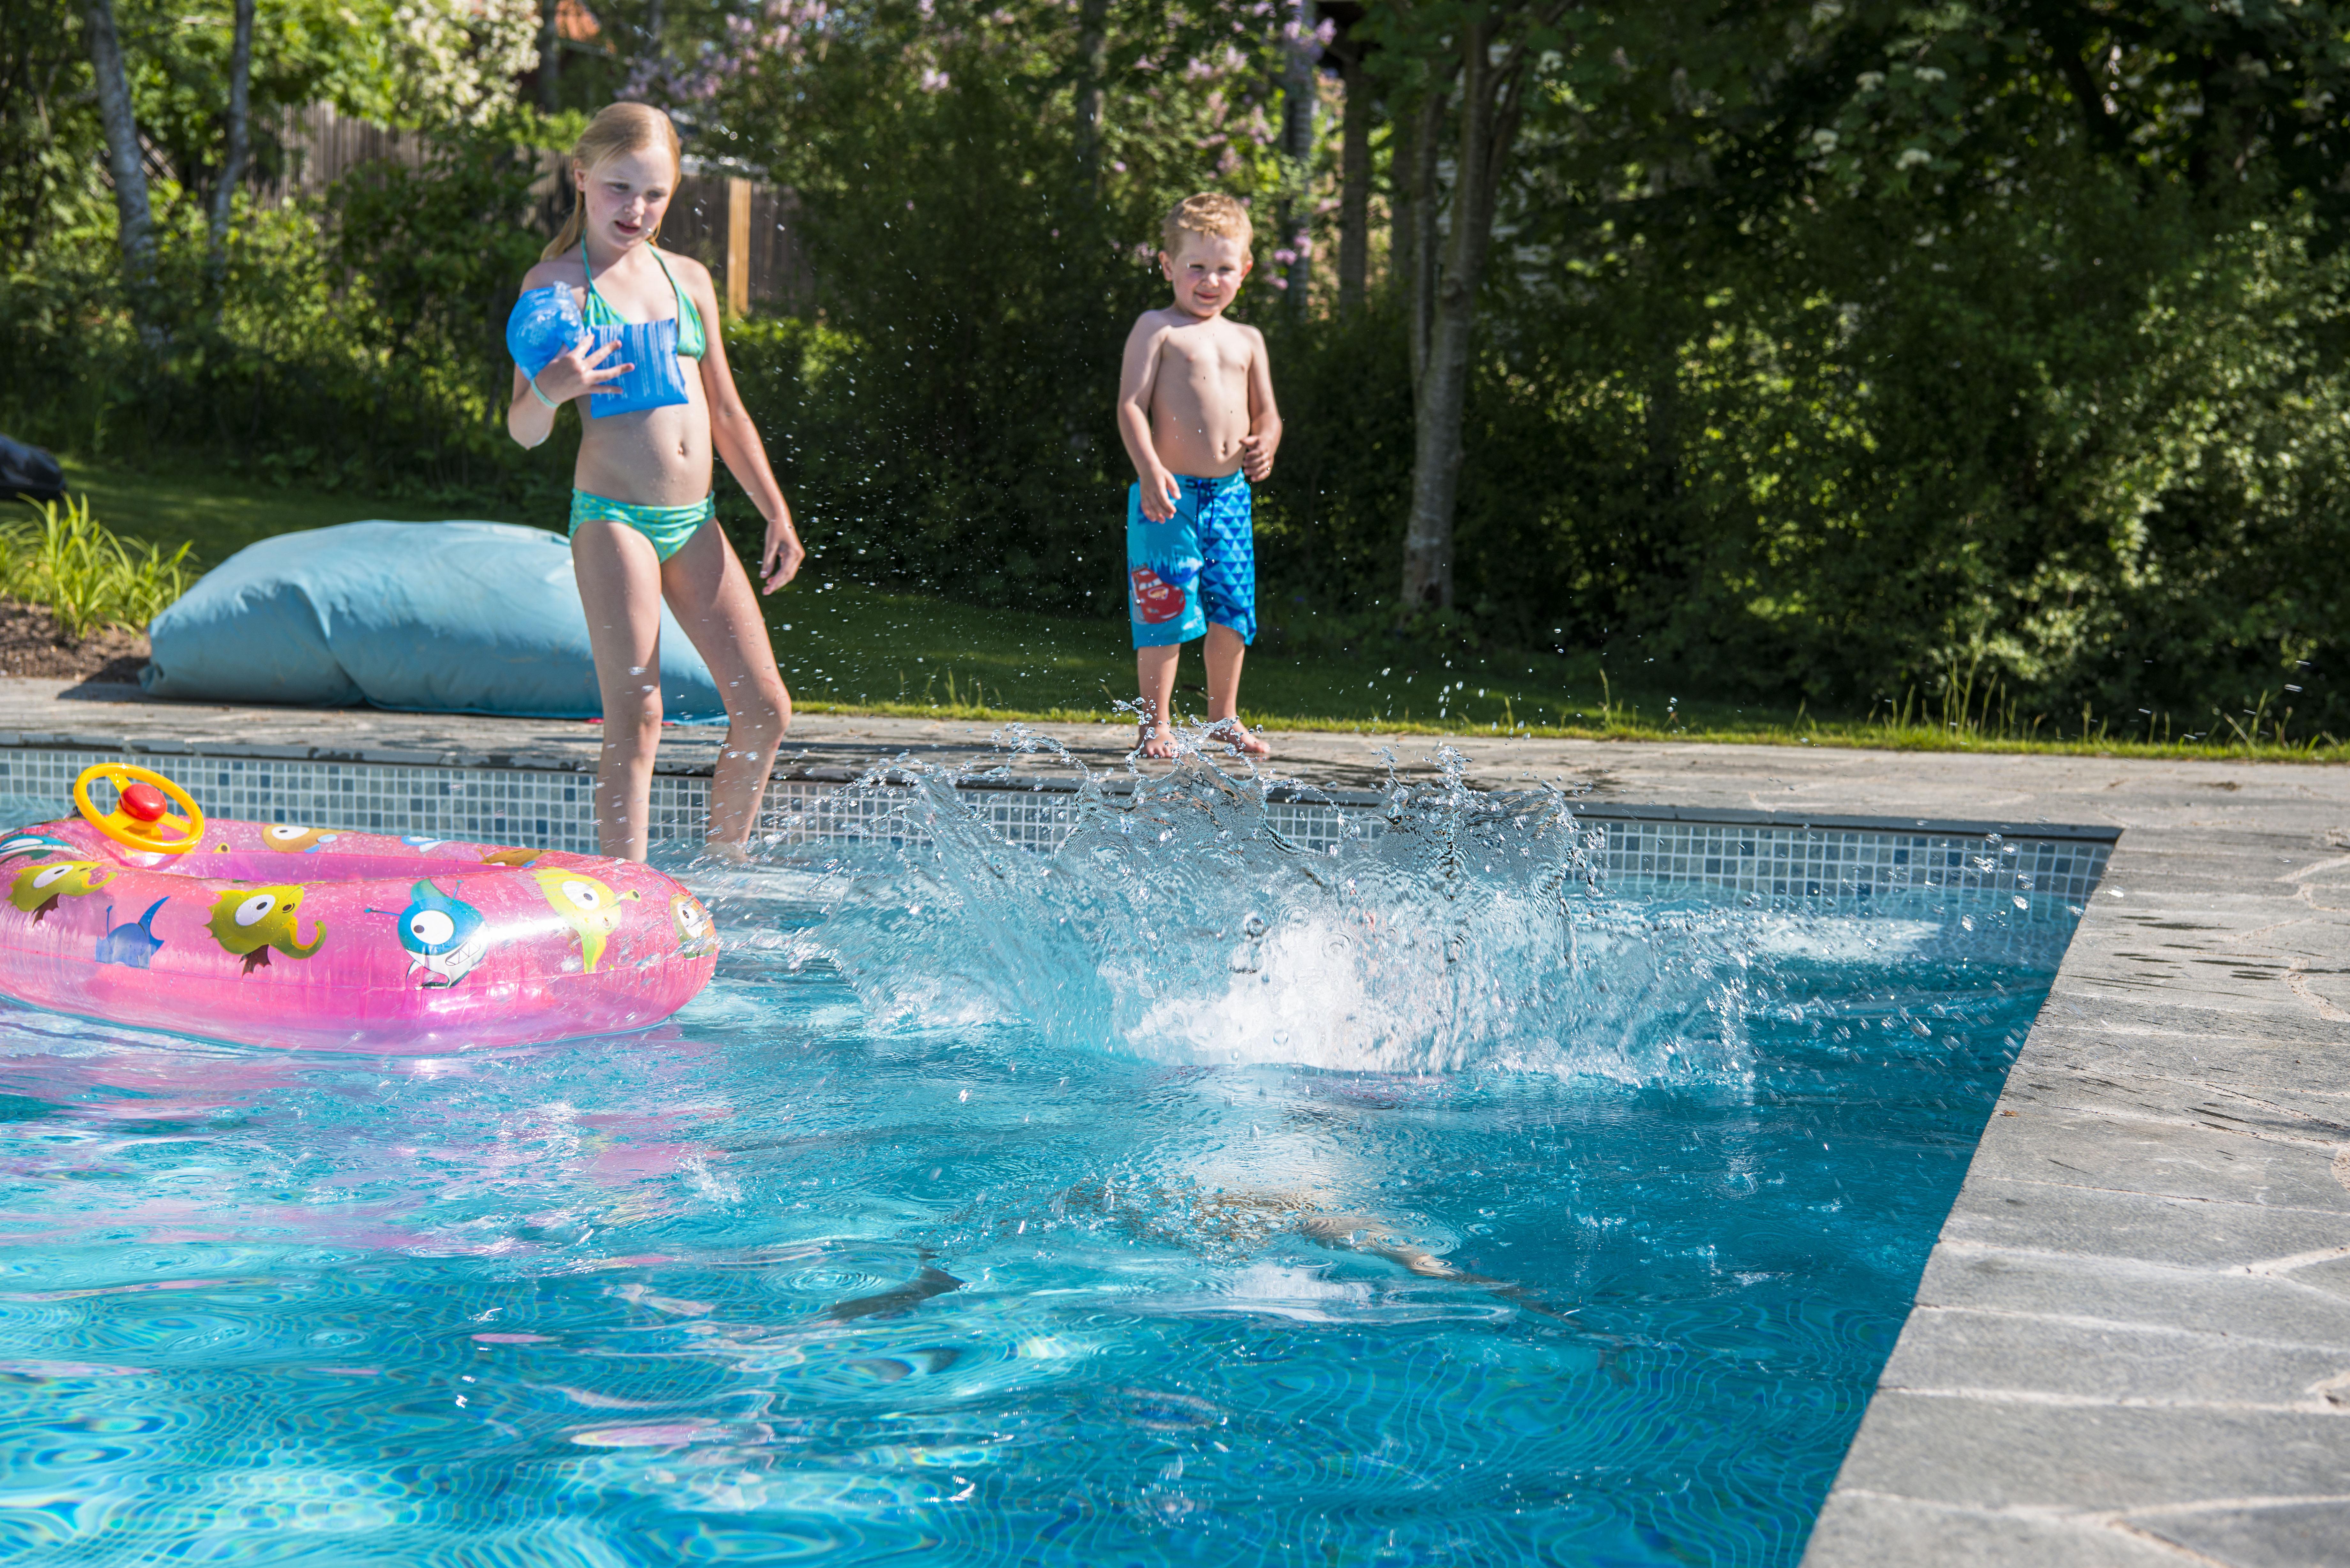 Det är bra att barnen är simkunniga